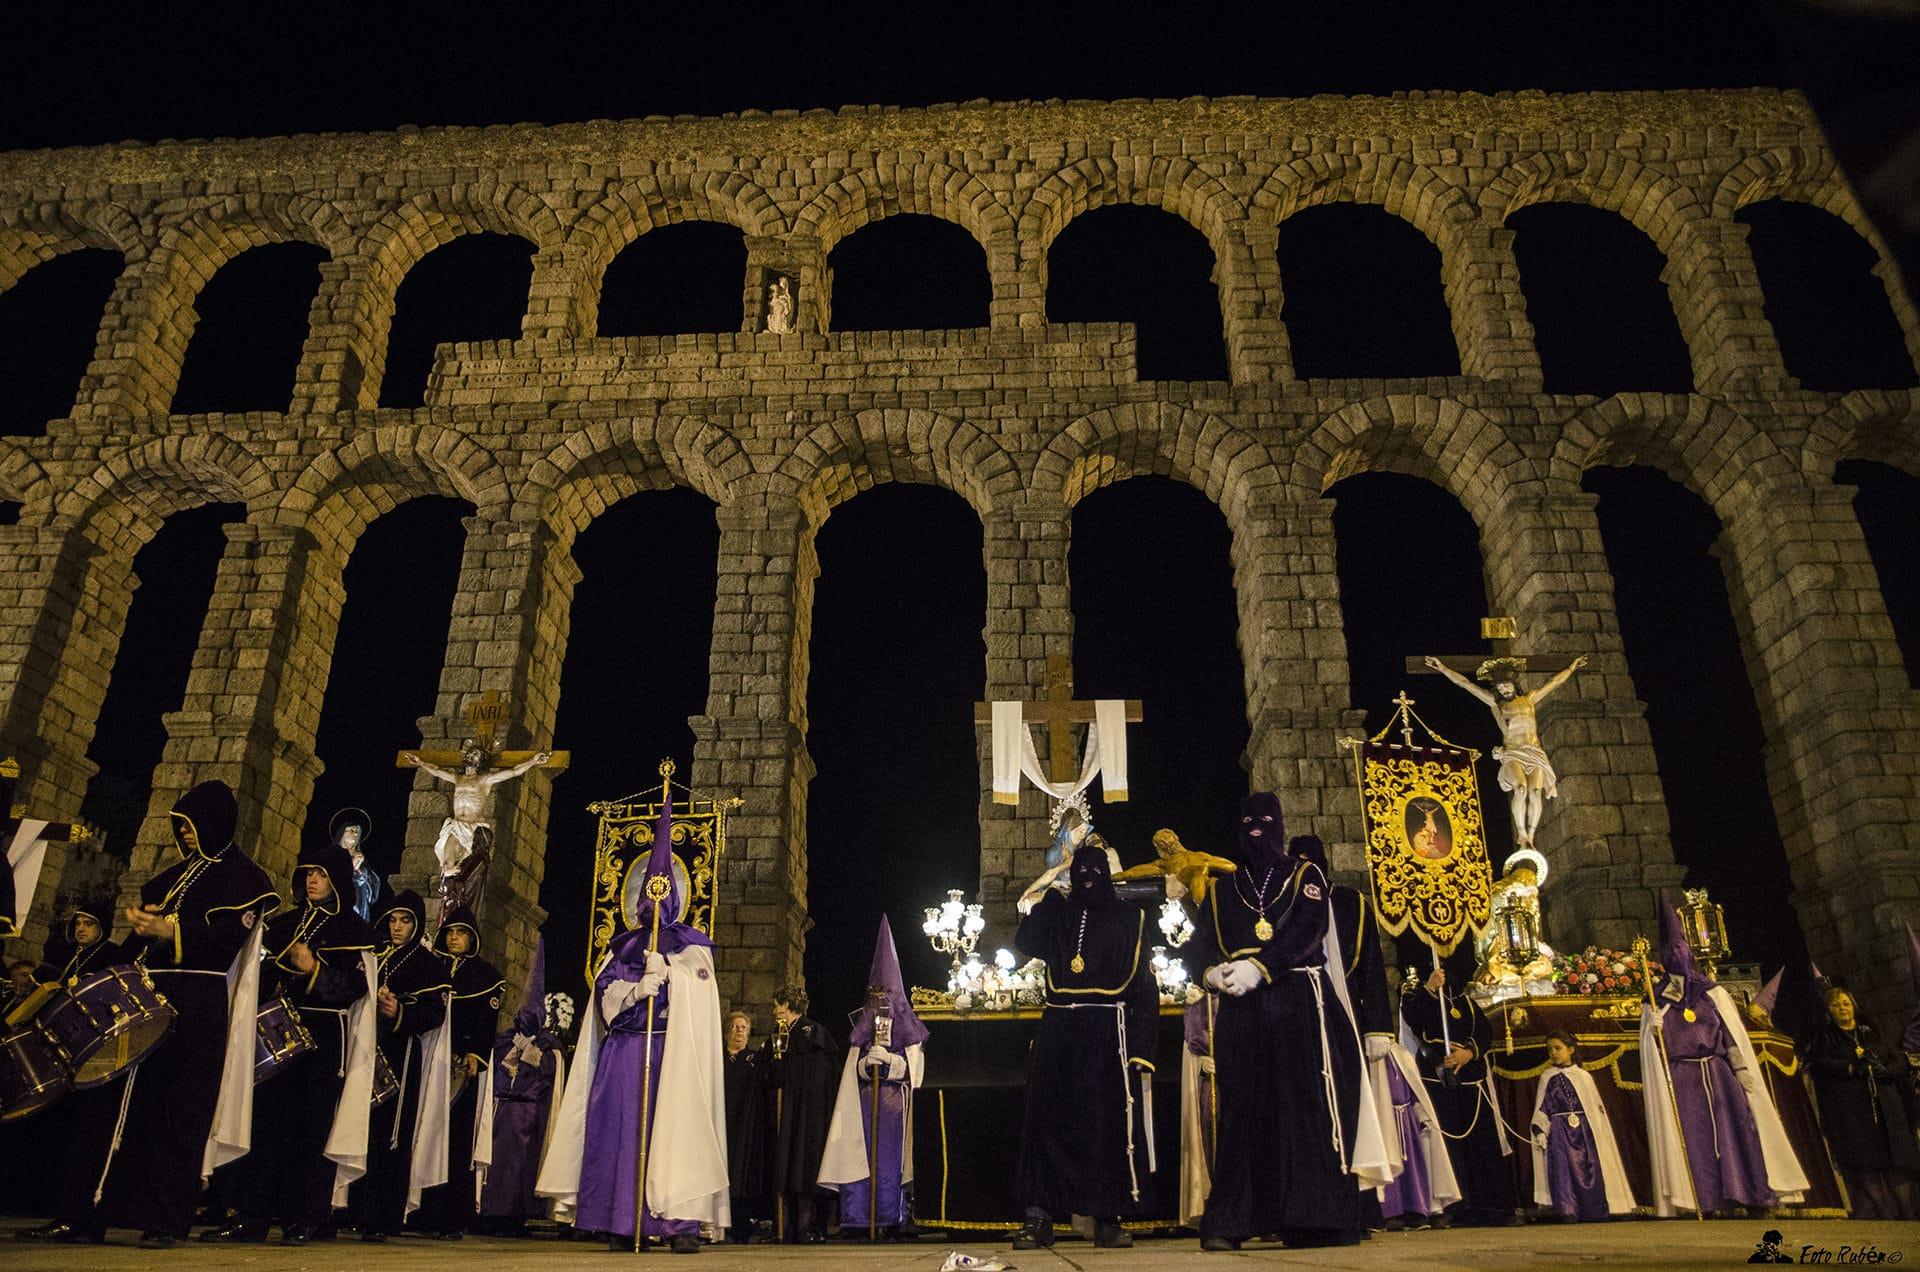 Procesión de El Calvario, La Magdalena al Pie de la Cruz y Ntrs. Sr. de la Piedad, Segovia4